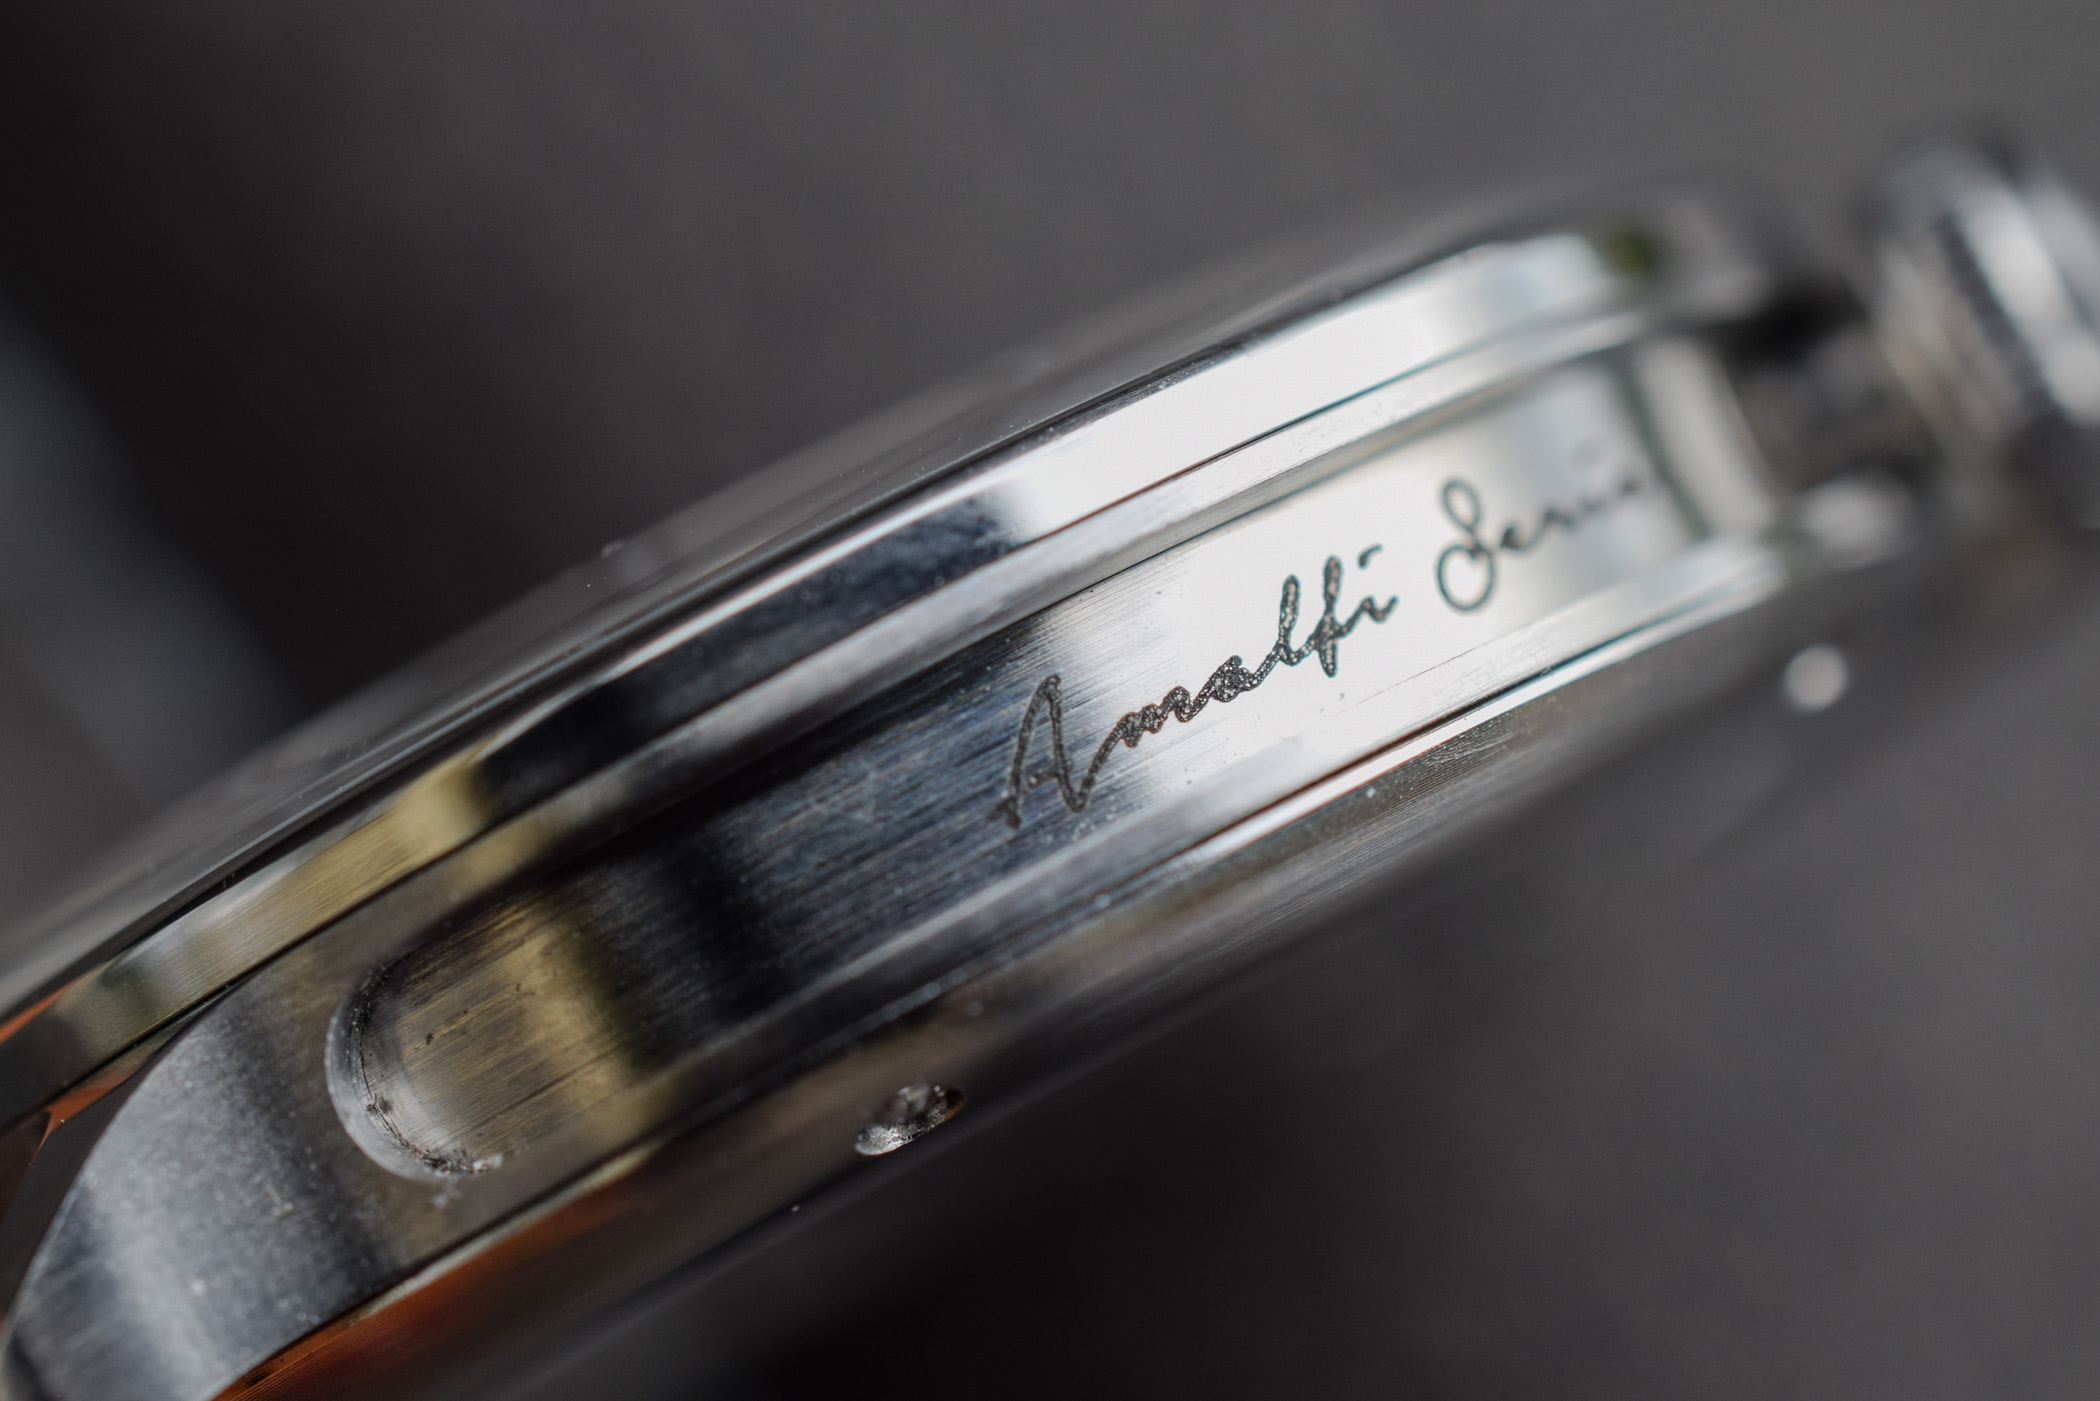 De RIjke & Co Amalfi Series 1S